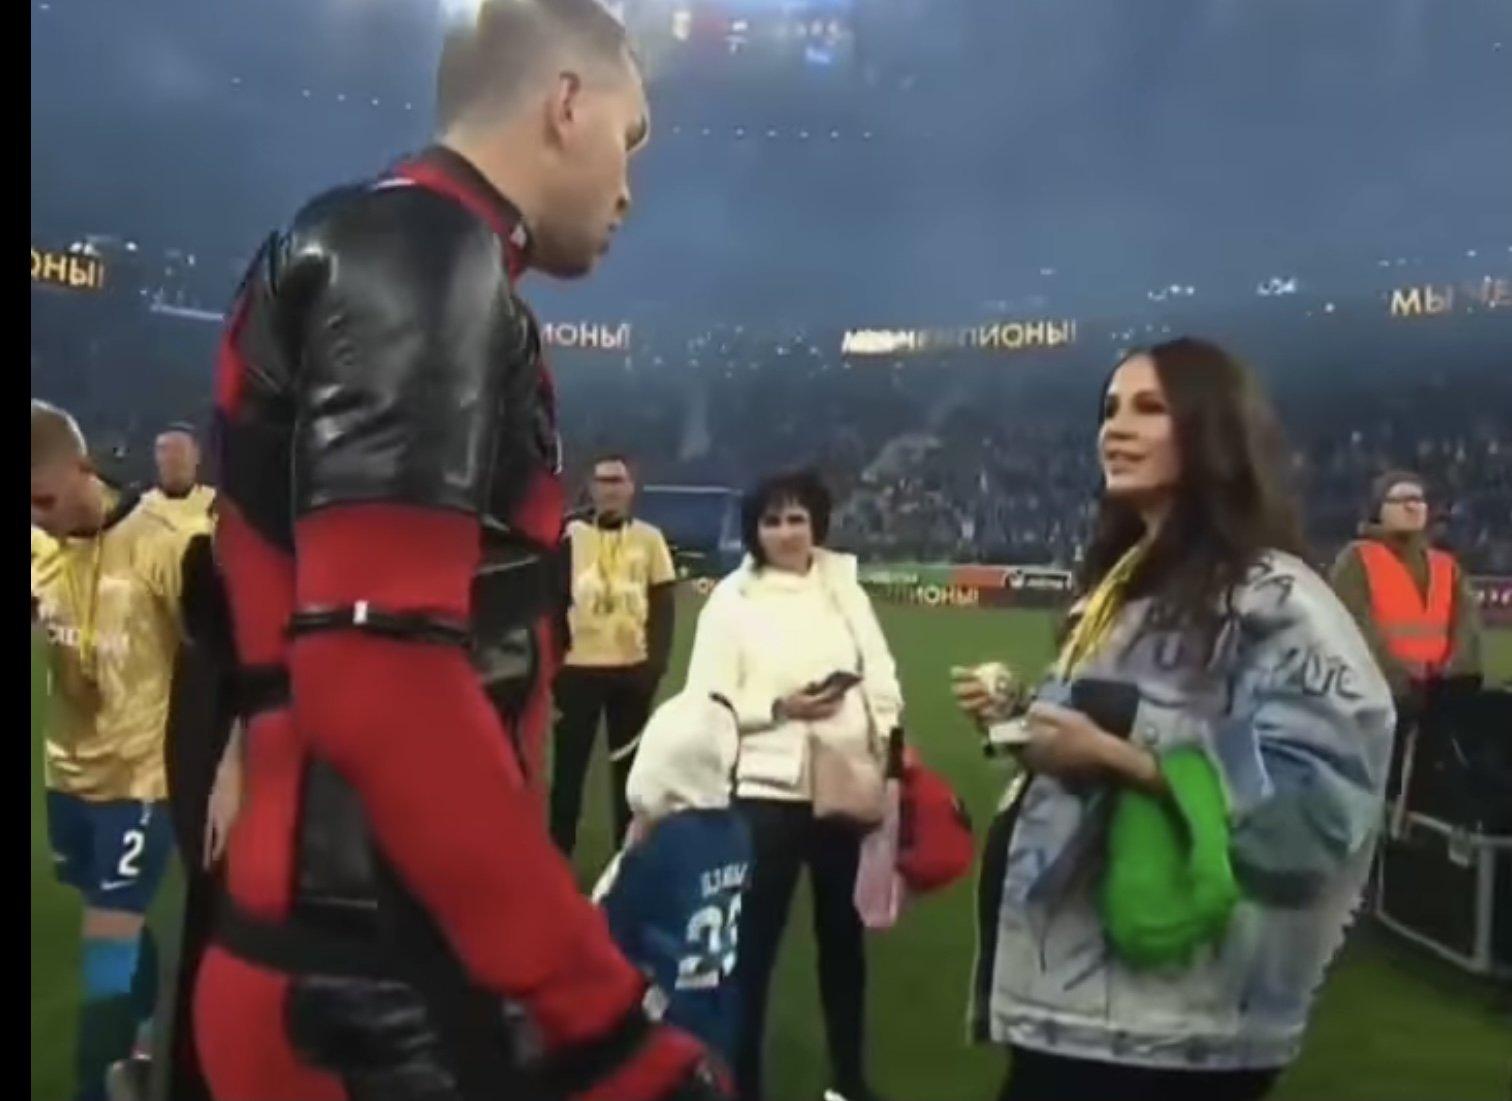 Беременная жена Артема Дзюбы замечена на стадионе